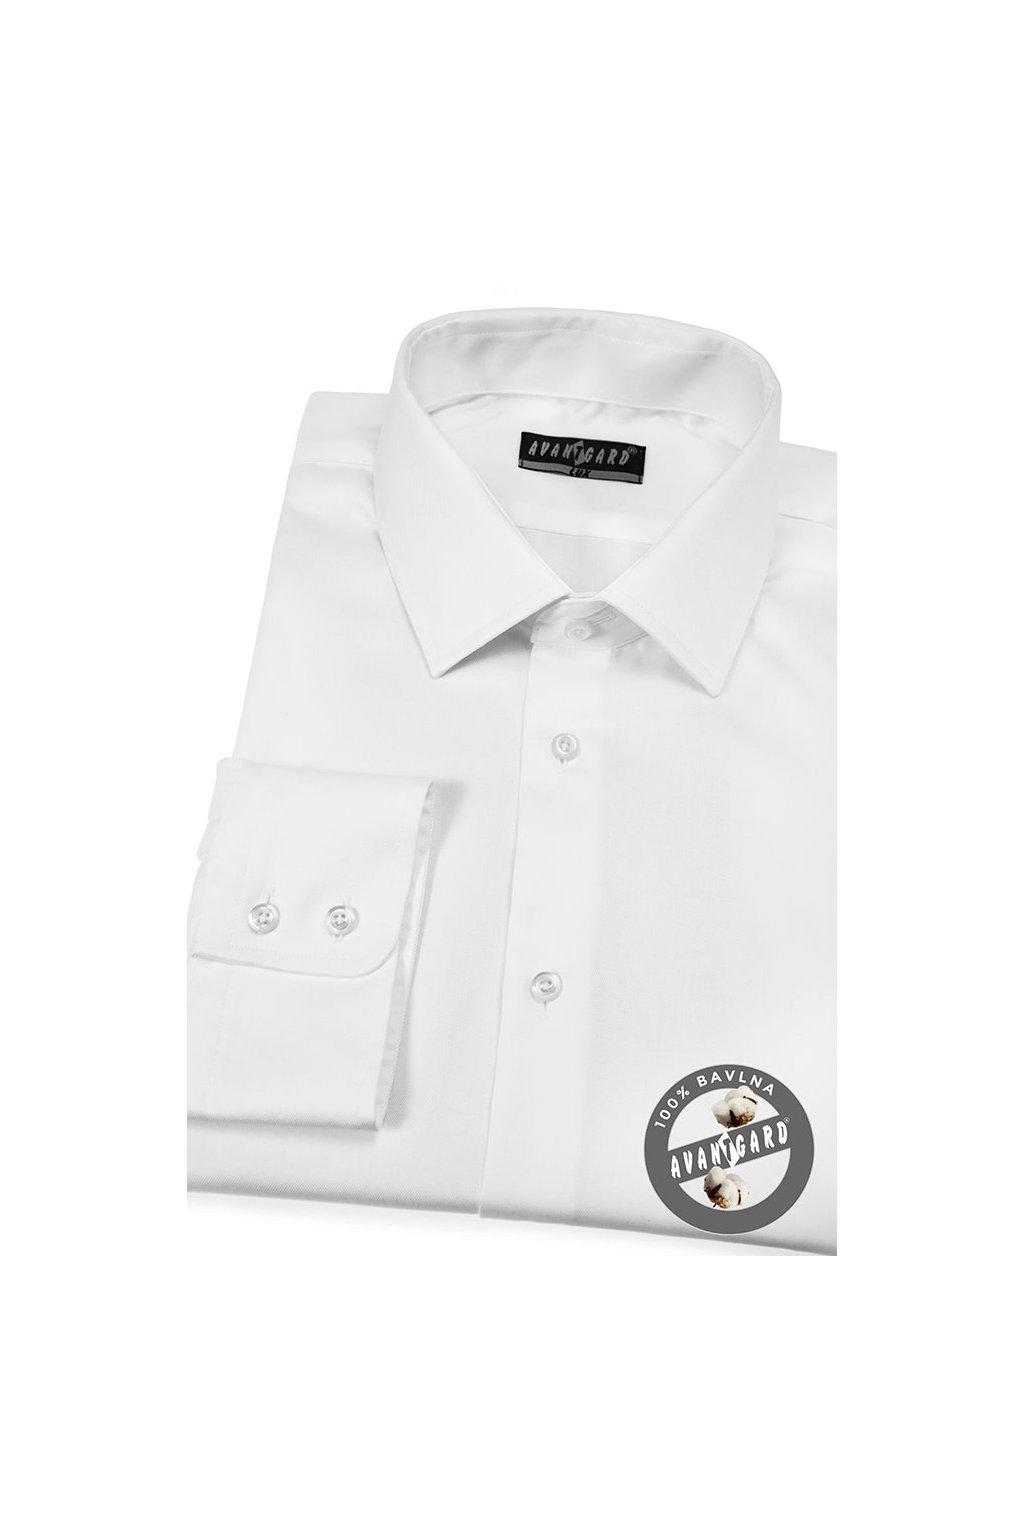 Pánská košile KLASIK bílá 509 - 91